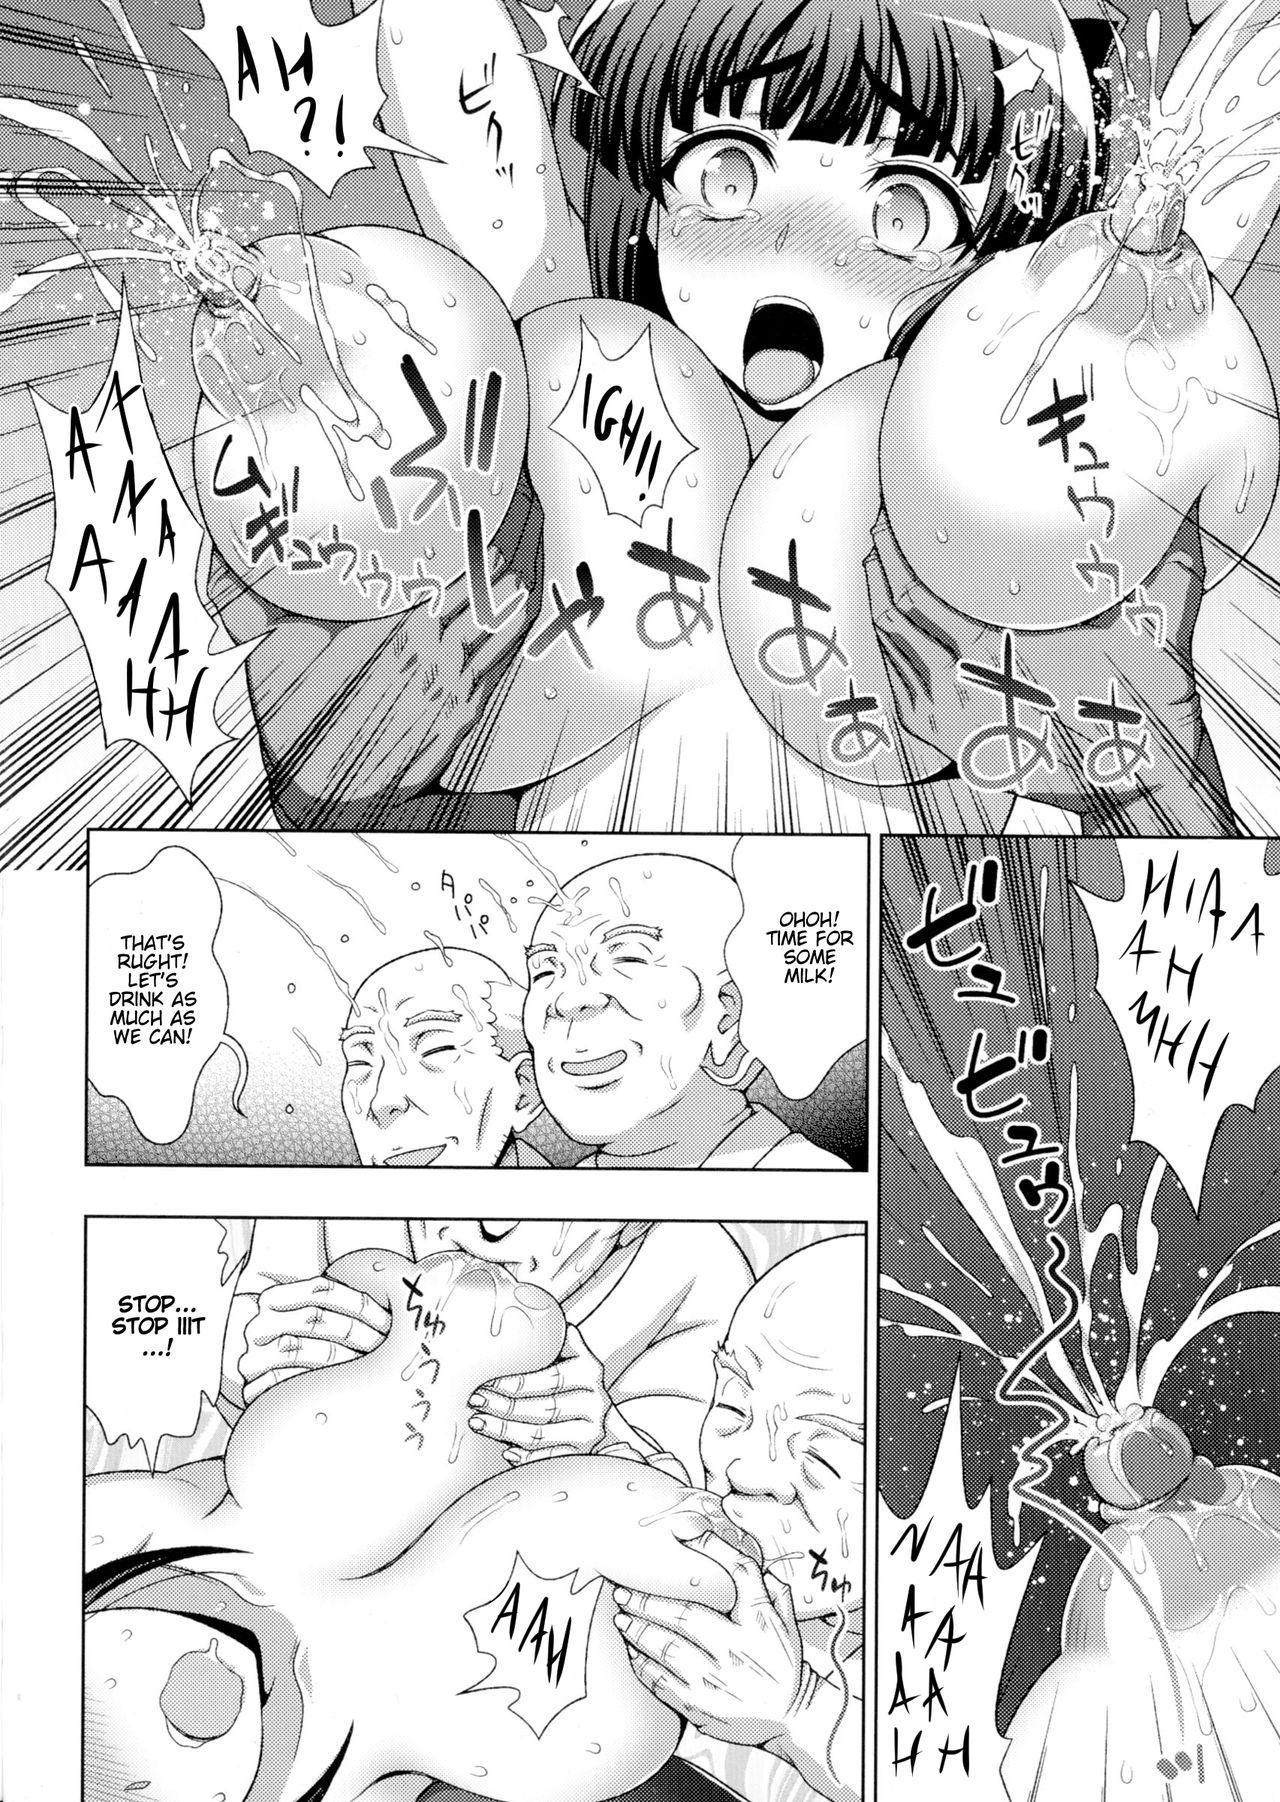 [chaccu, TinkerBell] Inyouchuu Shoku ~Ryoushokutou Taimaroku~ Harami Ochiru Shoujo-tachi Ch. 1-4 [English] [progste] 61